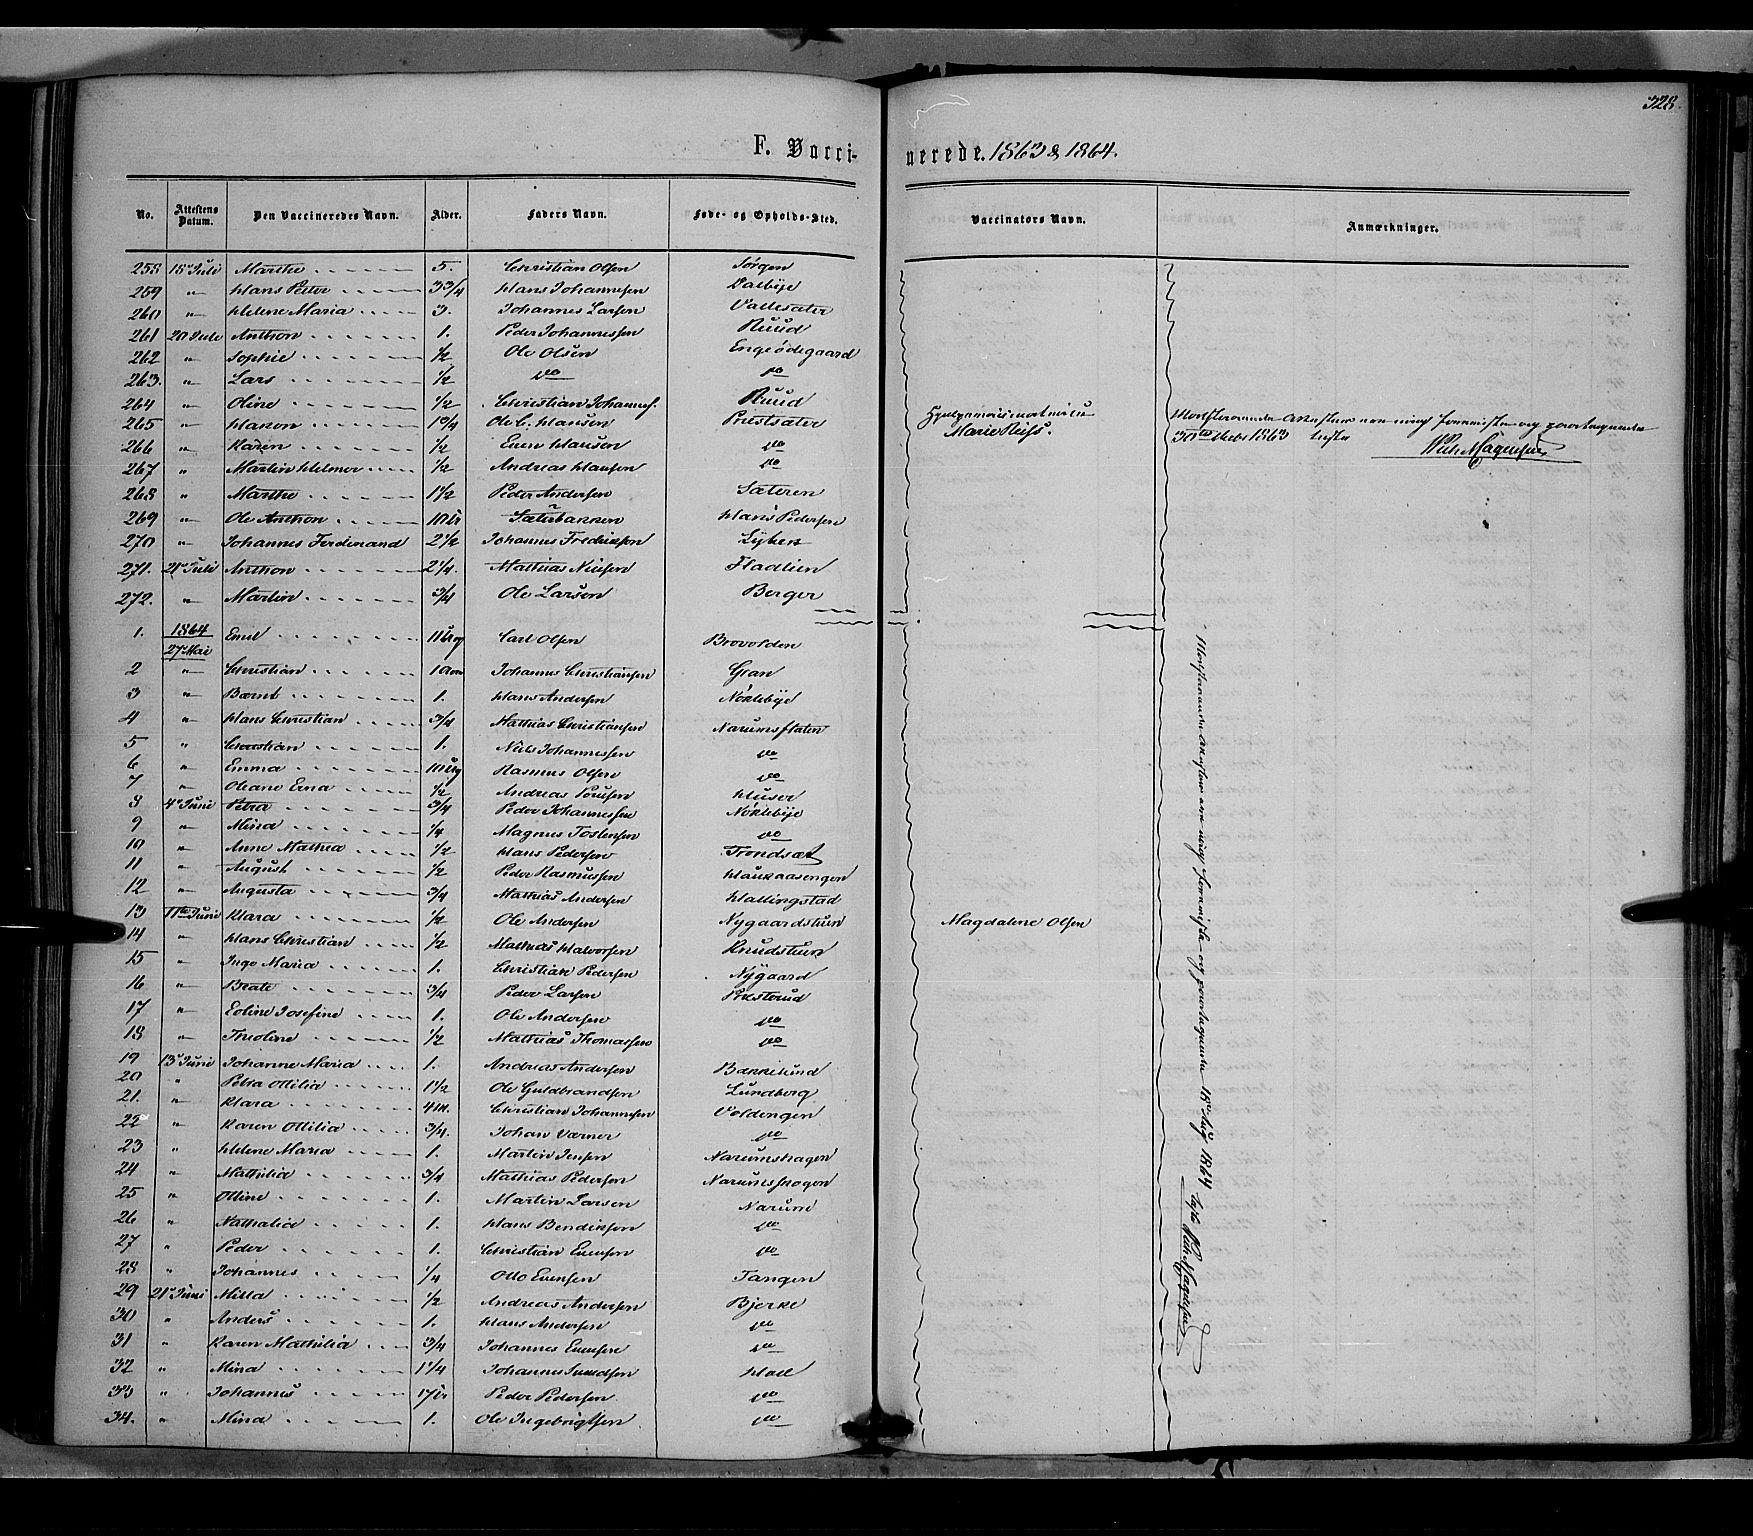 SAH, Vestre Toten prestekontor, Ministerialbok nr. 7, 1862-1869, s. 328